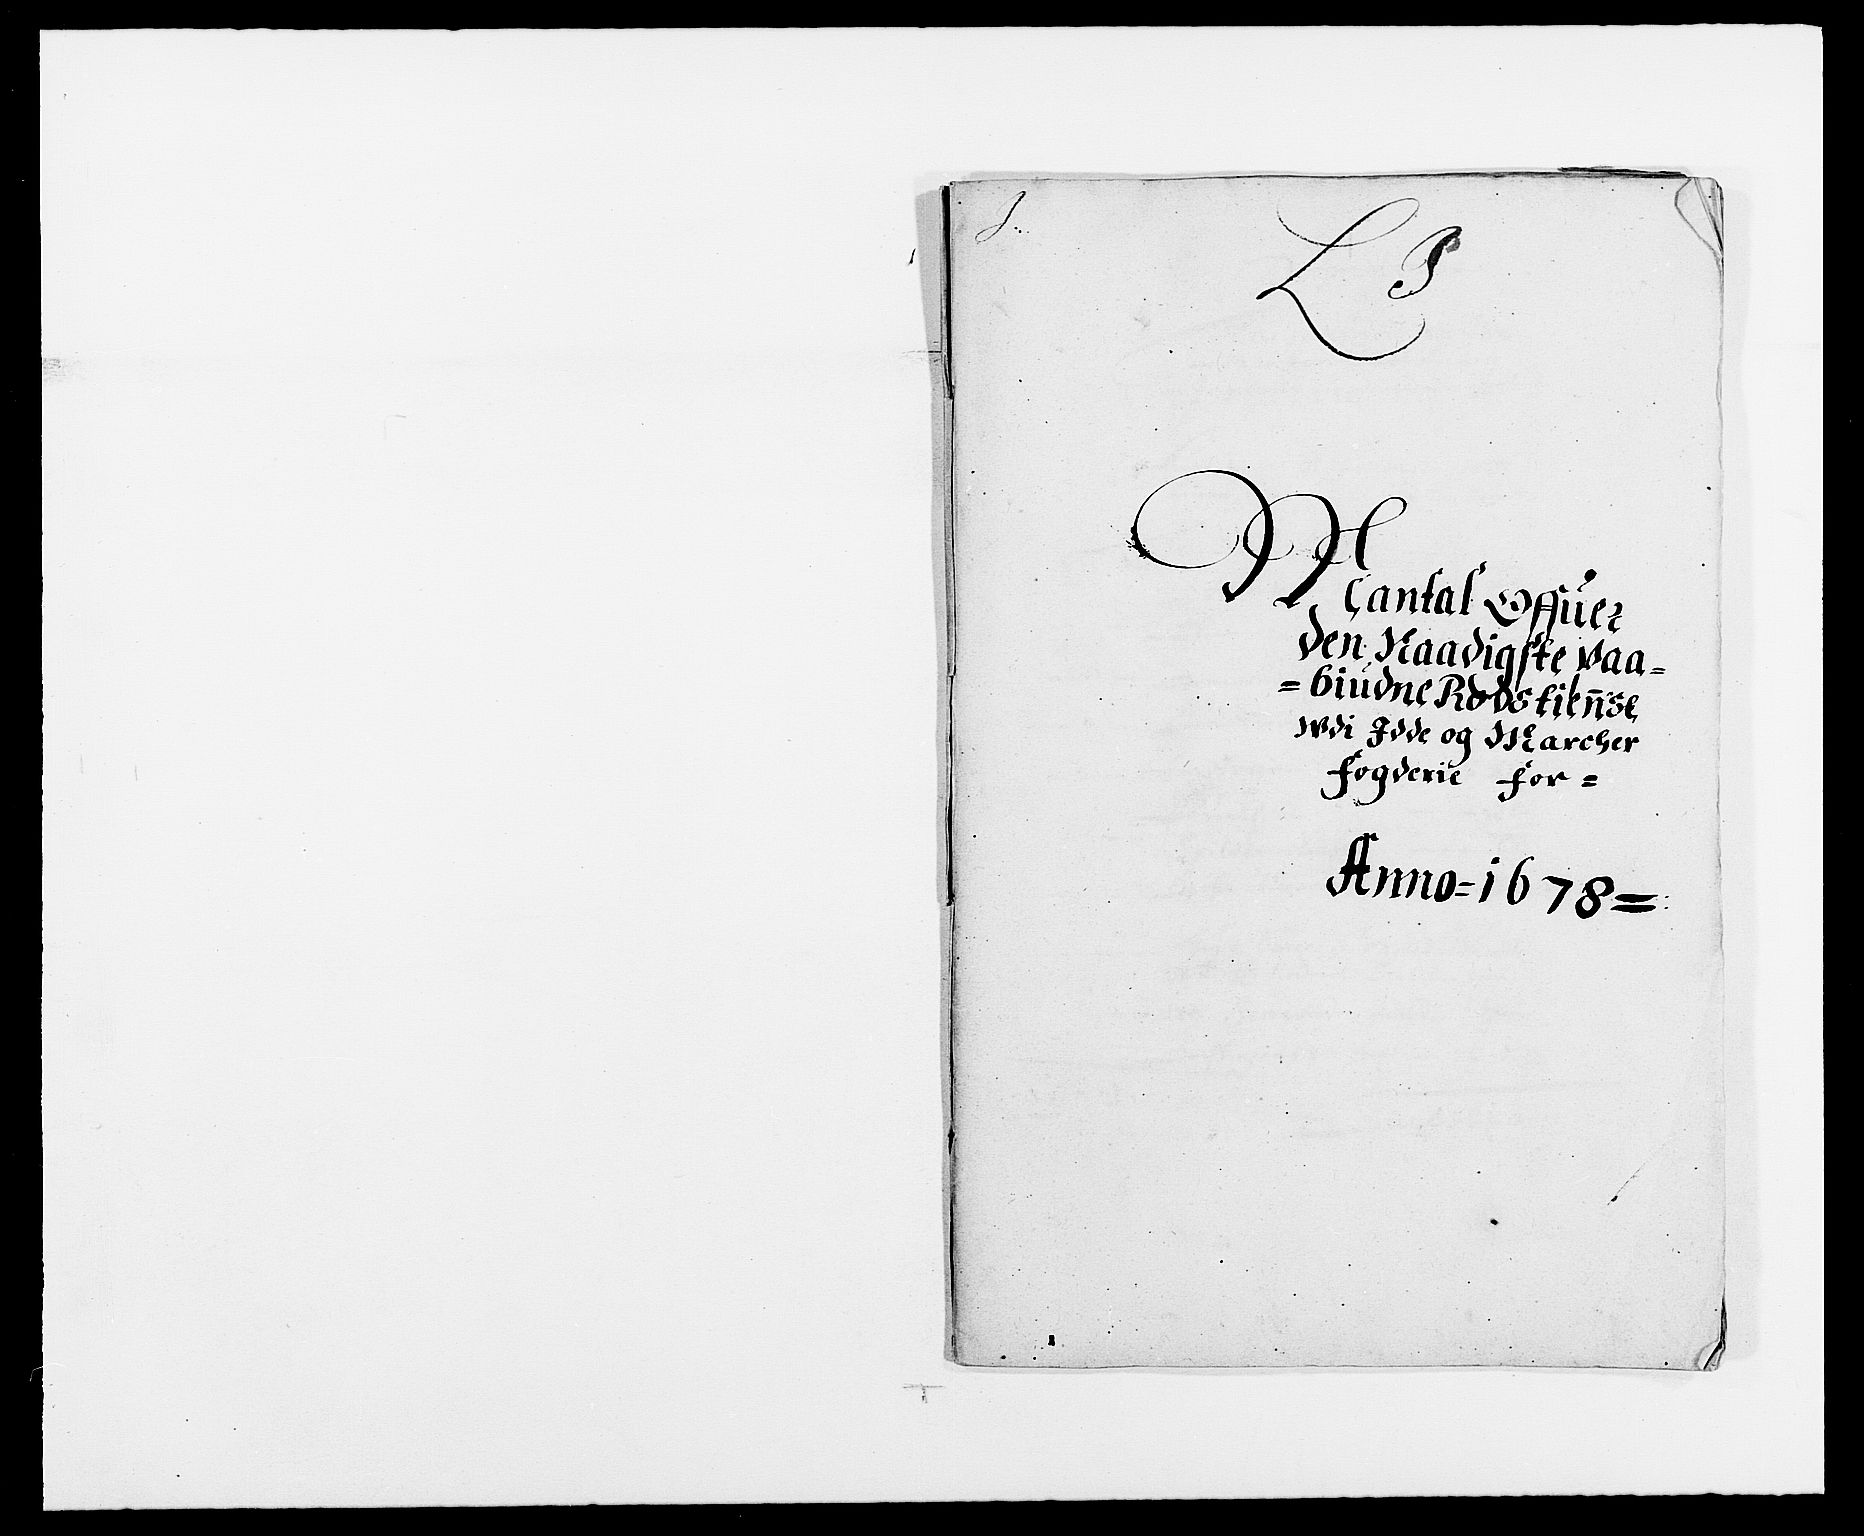 RA, Rentekammeret inntil 1814, Reviderte regnskaper, Fogderegnskap, R01/L0001: Fogderegnskap Idd og Marker, 1678-1679, s. 231